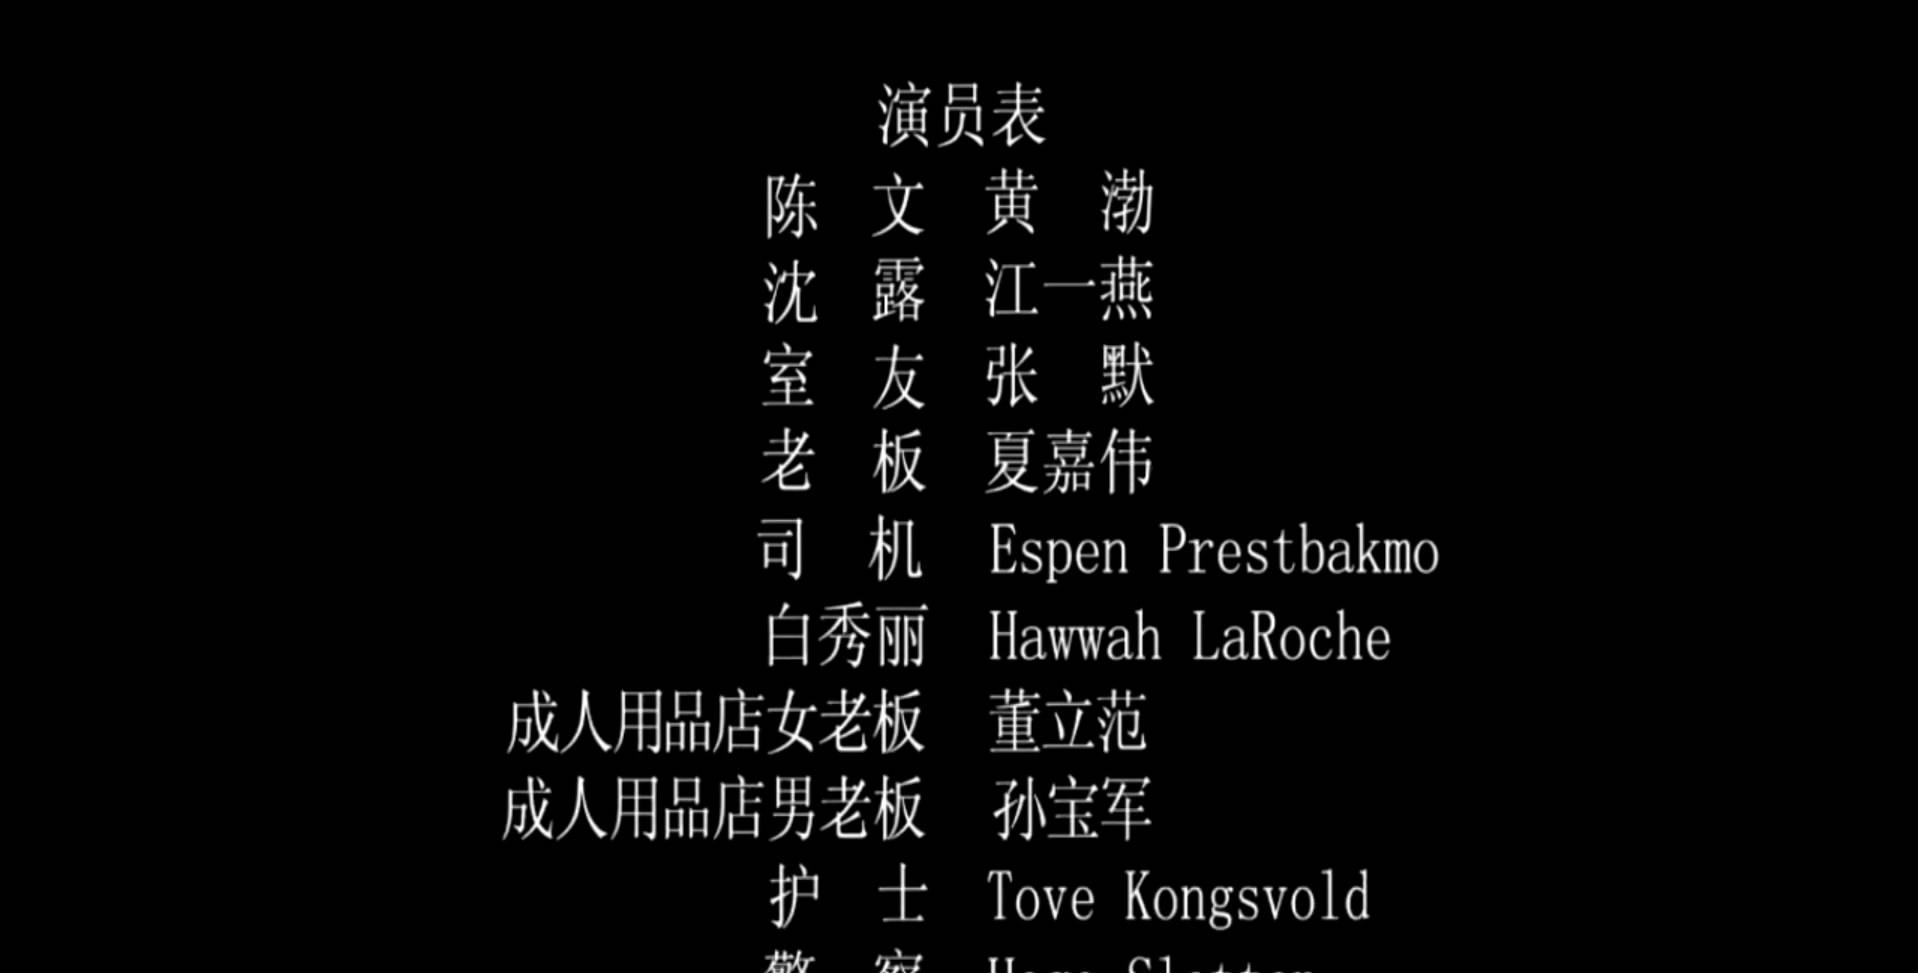 假装情侣(the pretending lovers) - 电影图片 | 电影